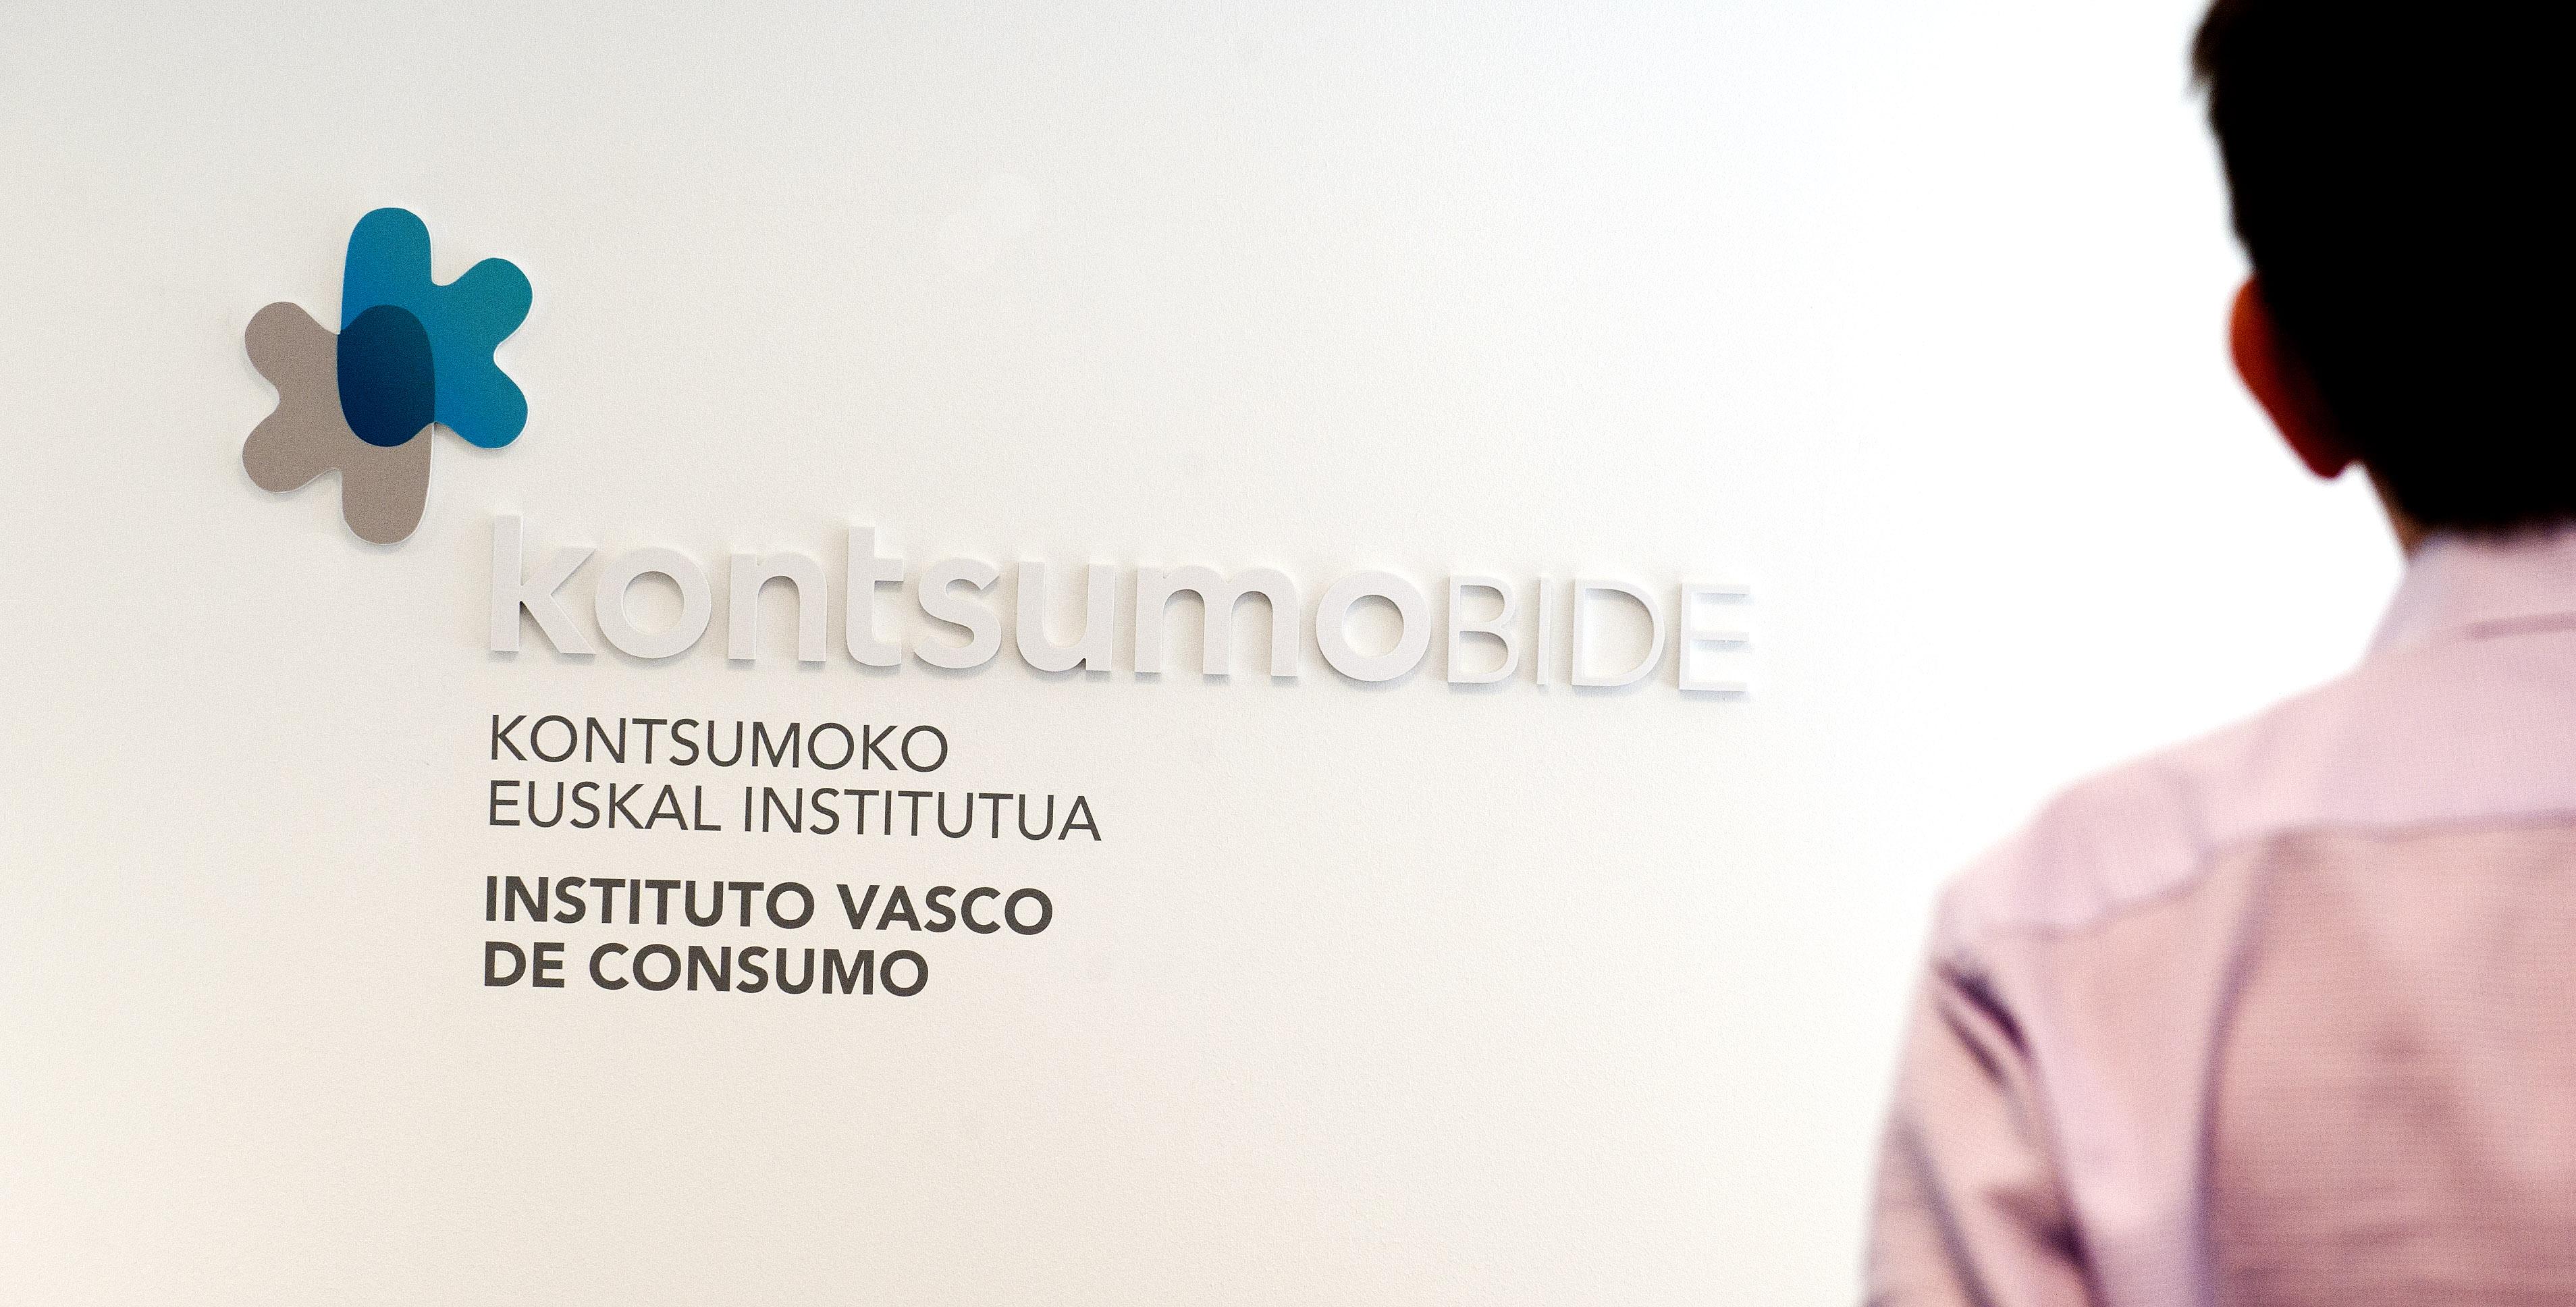 2012_03_15_kontsumobide_mendia_bengoa_03.jpg